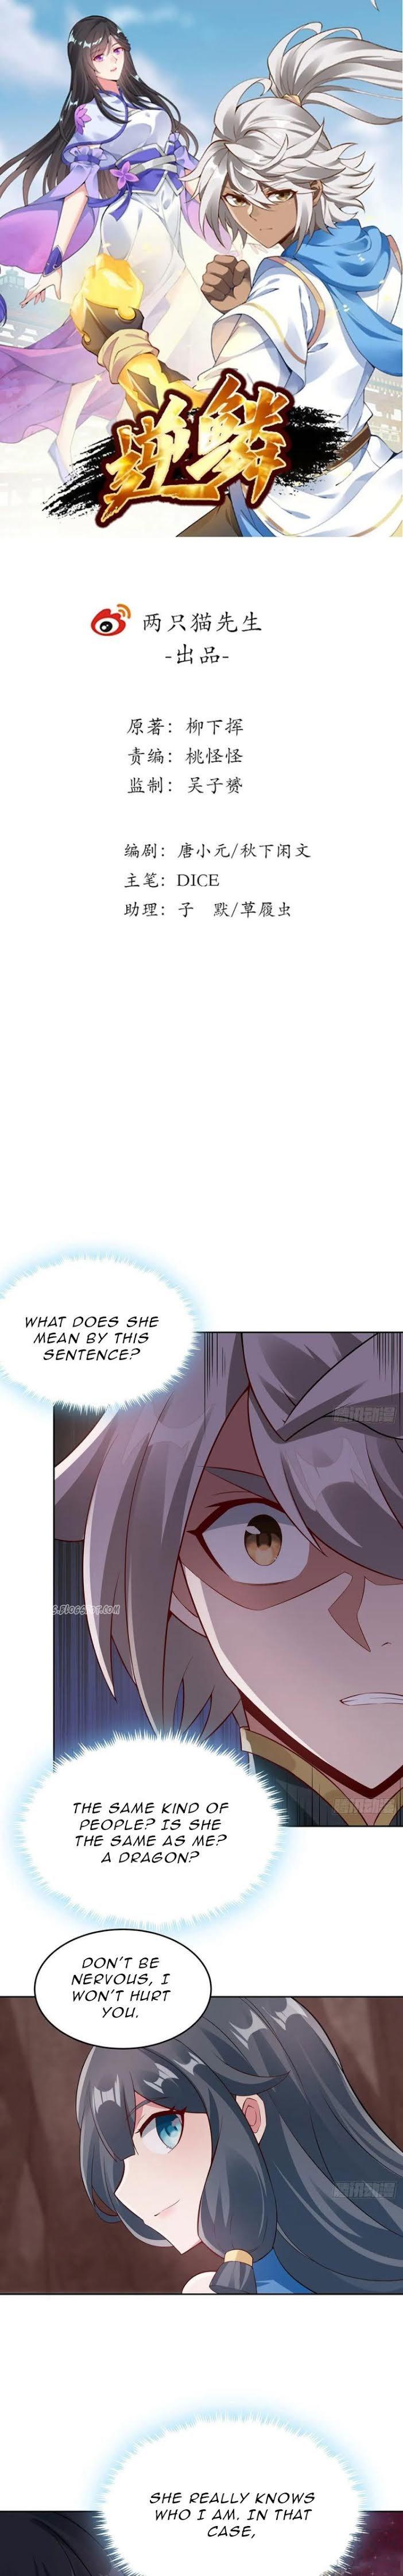 Manga Inverse Scale - Chapter 102 Page 1